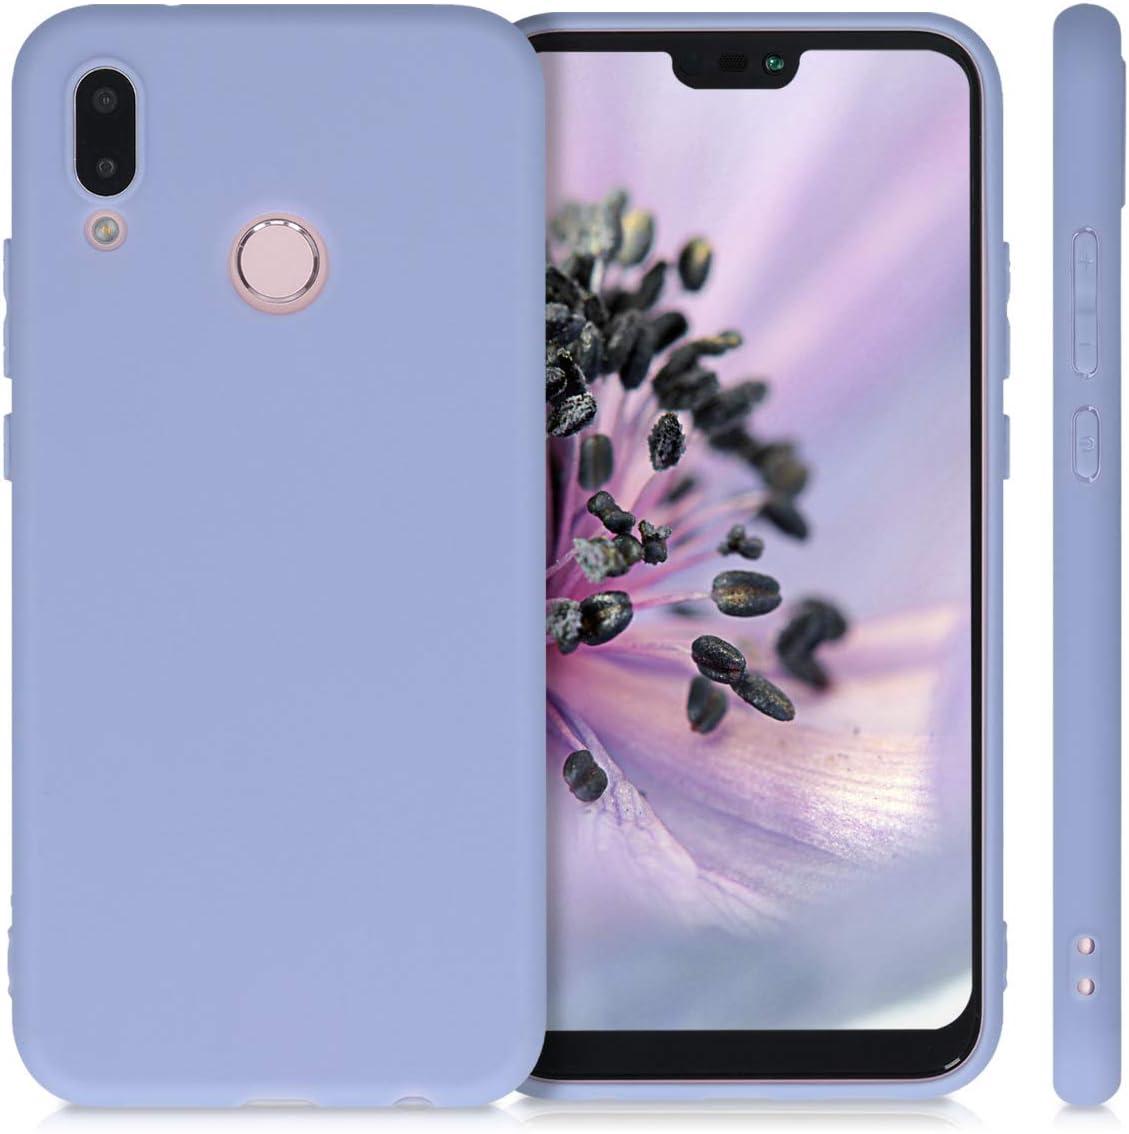 Protector Trasero en Azul Claro Mate Carcasa de TPU Silicona kwmobile Funda Compatible con Huawei P20 Lite